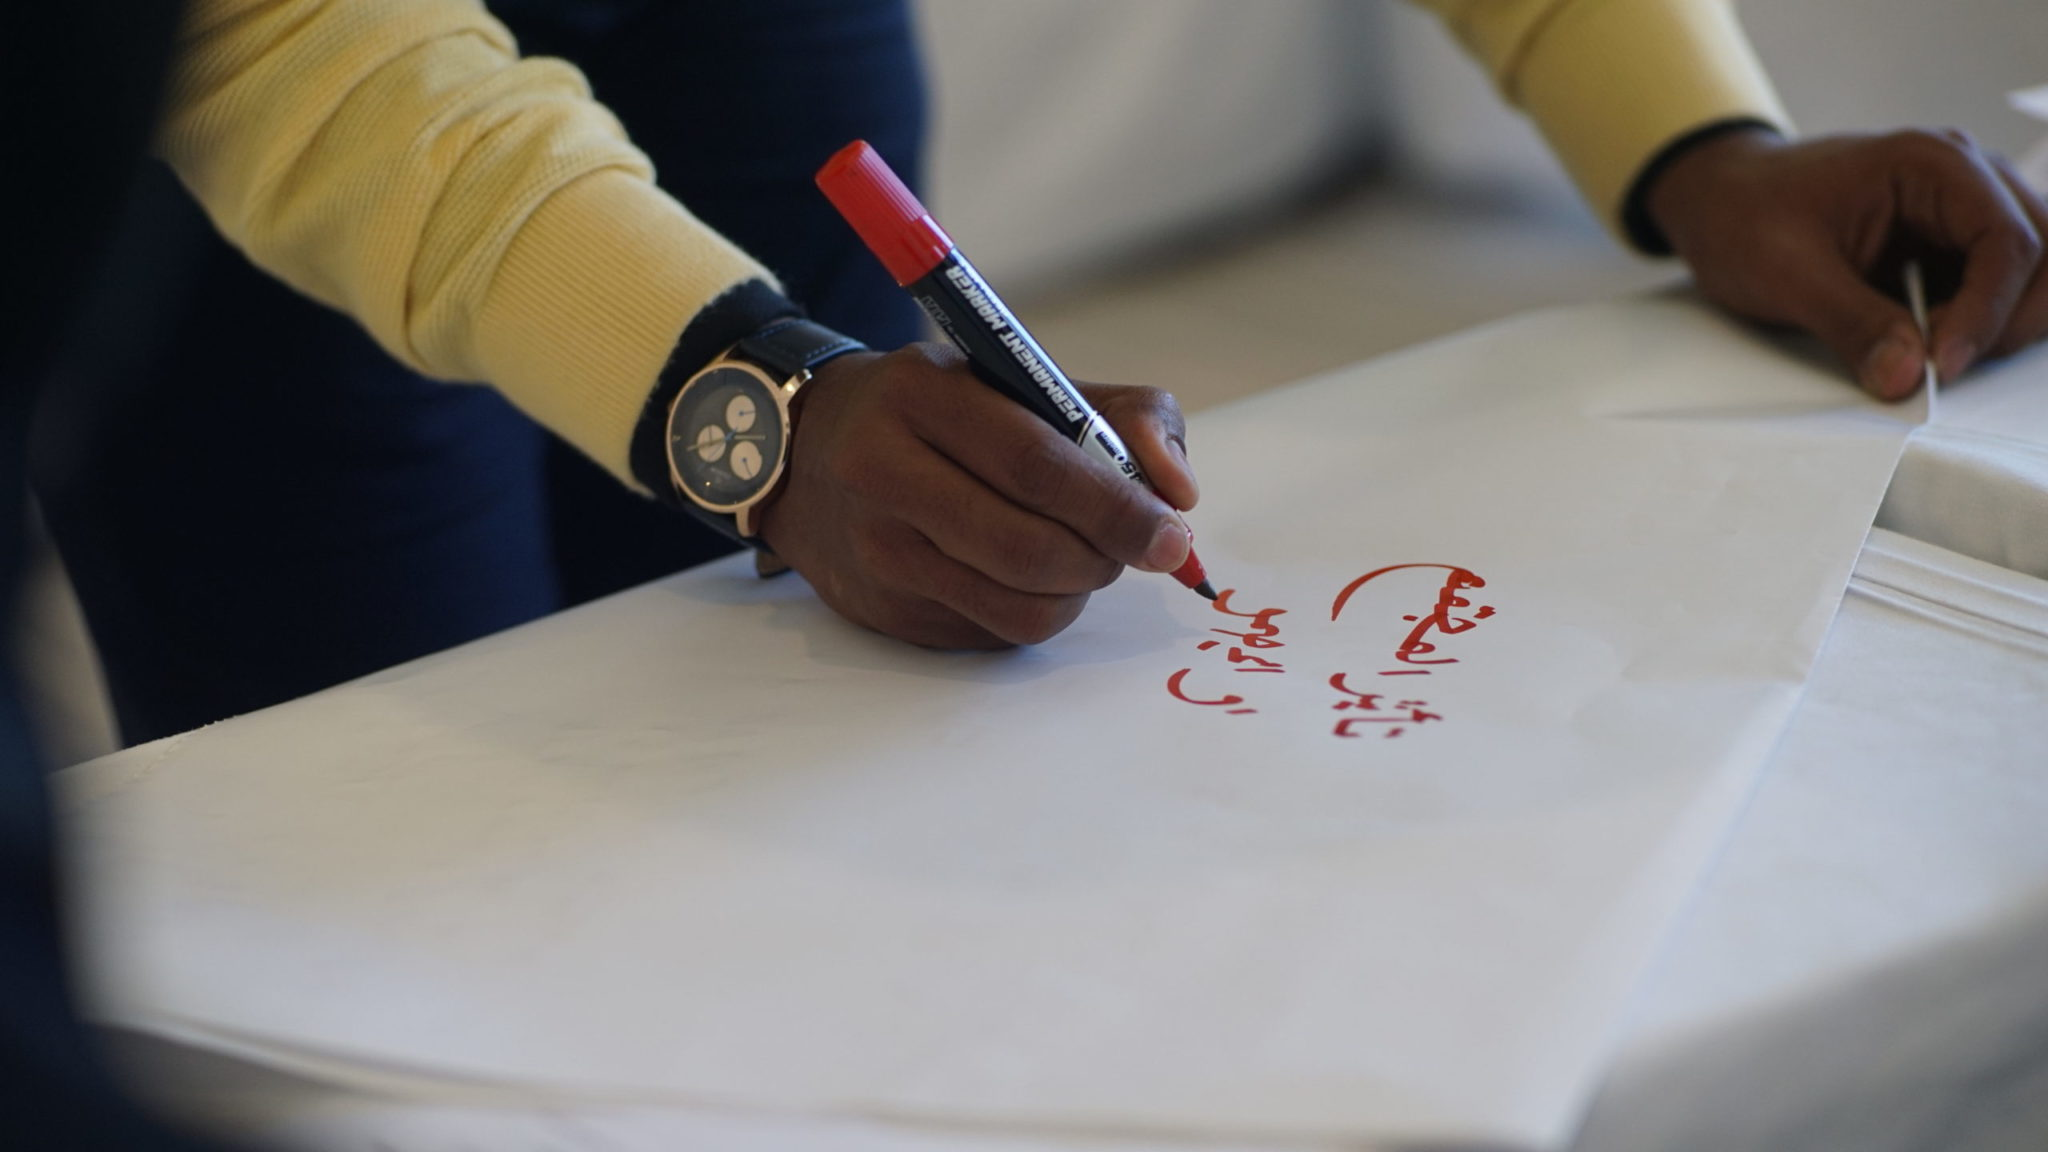 منظمات حقوقية وخبراء قانونيون يطرحون مشروع قانون جديد لتحرير العمل الأهلي في ليبيا